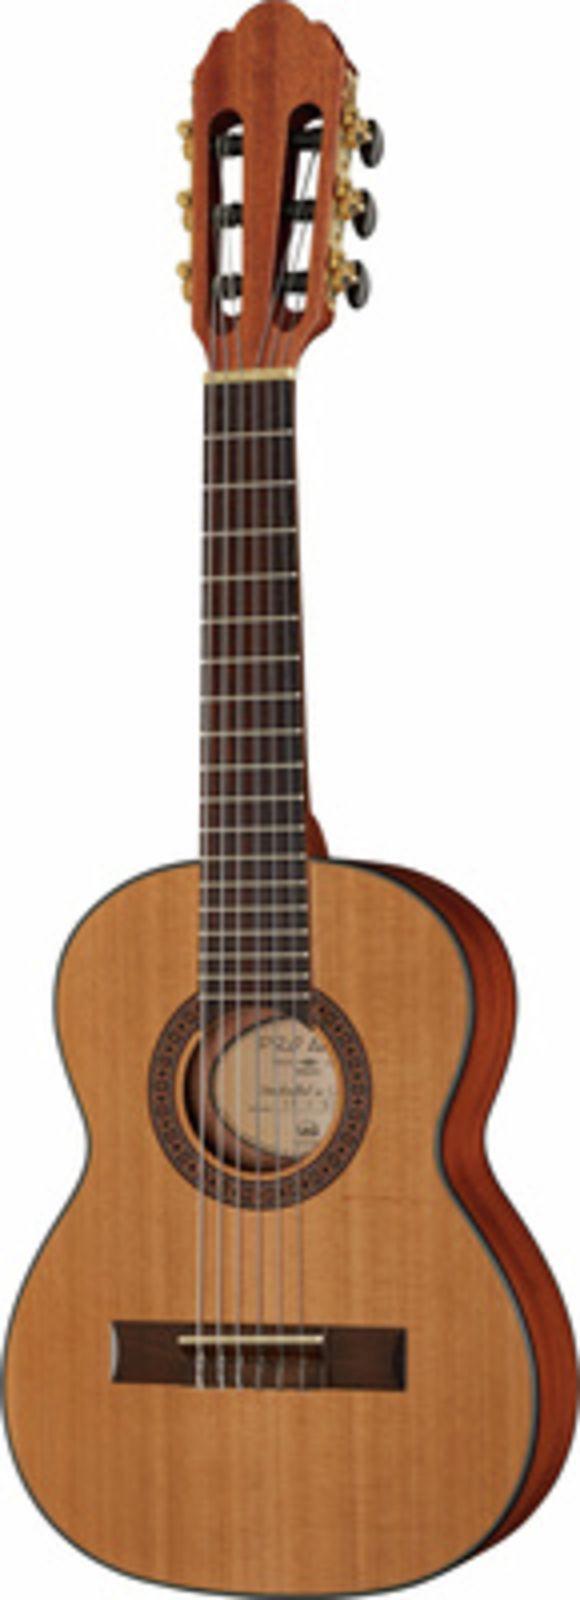 PRO ARTE CM-25 Maestro VGS